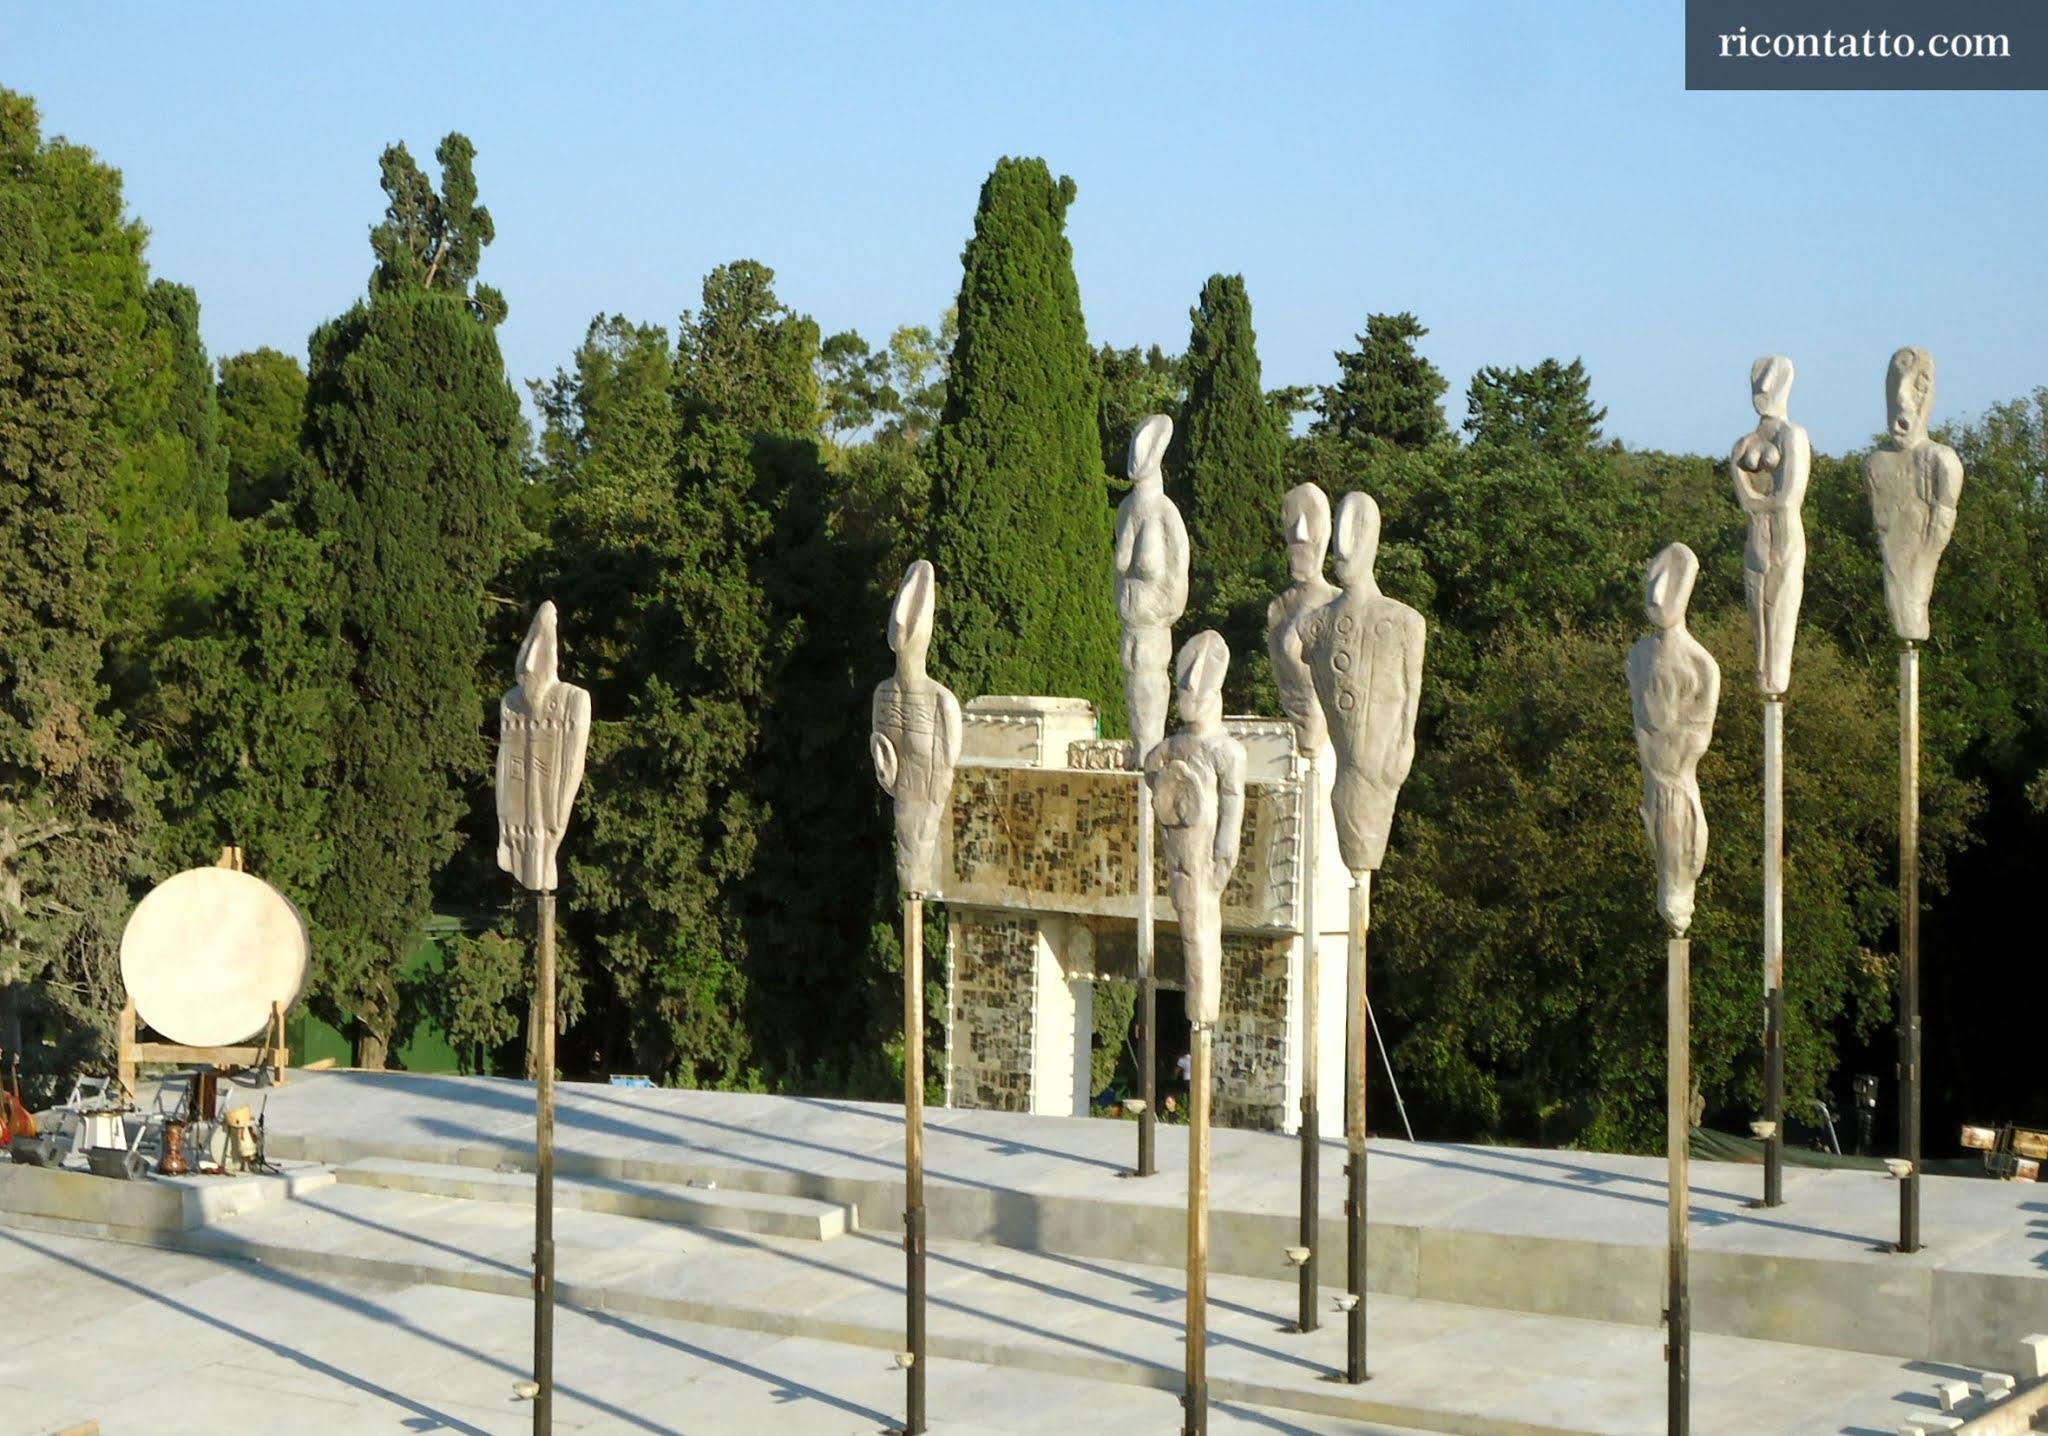 Siracusa, Sicilia, Italy - Photo #13 by Ricontatto.com